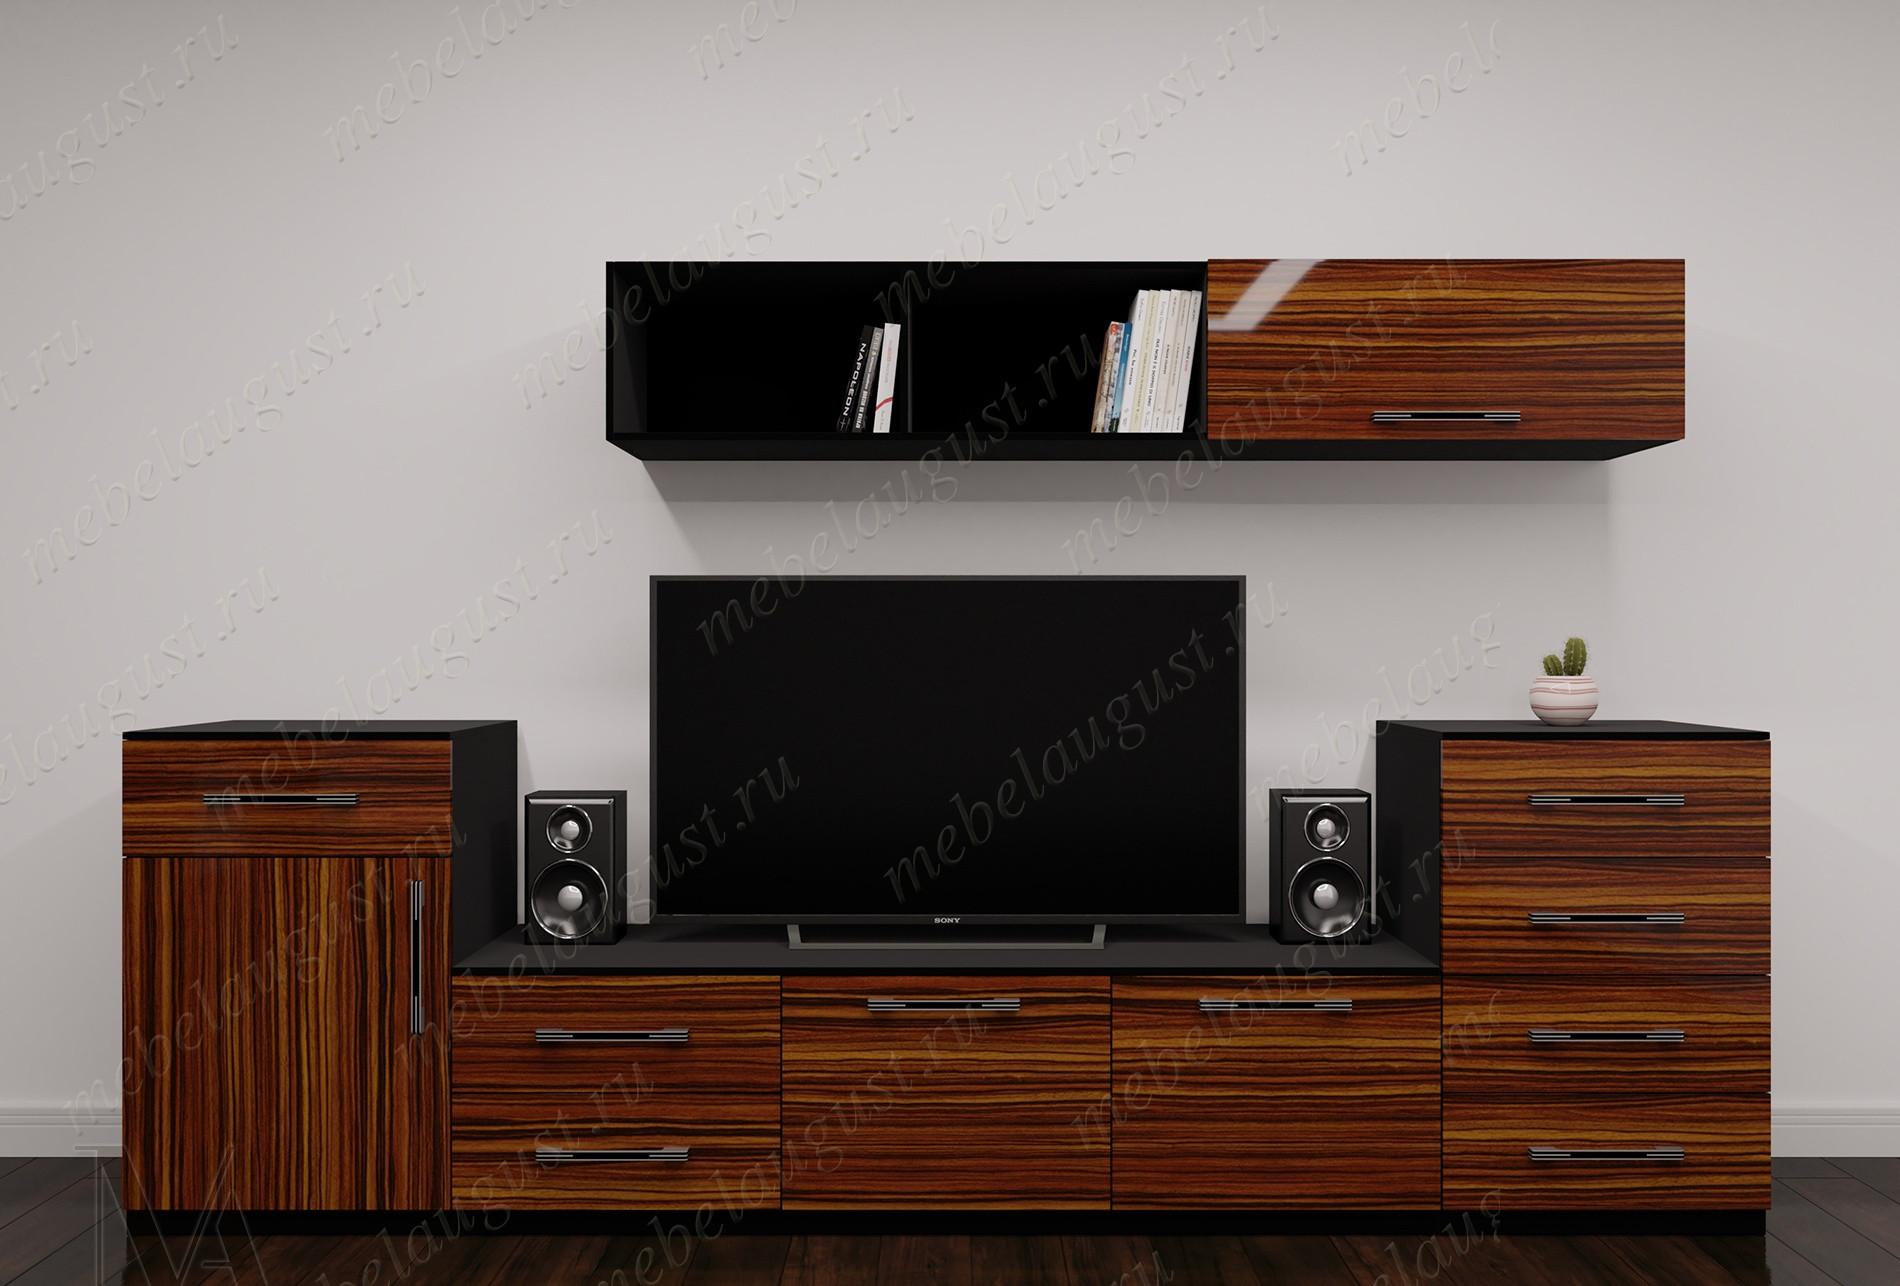 """Мебельная стенка """"шагрэ"""" под телевизор в спальню цвета макасар"""